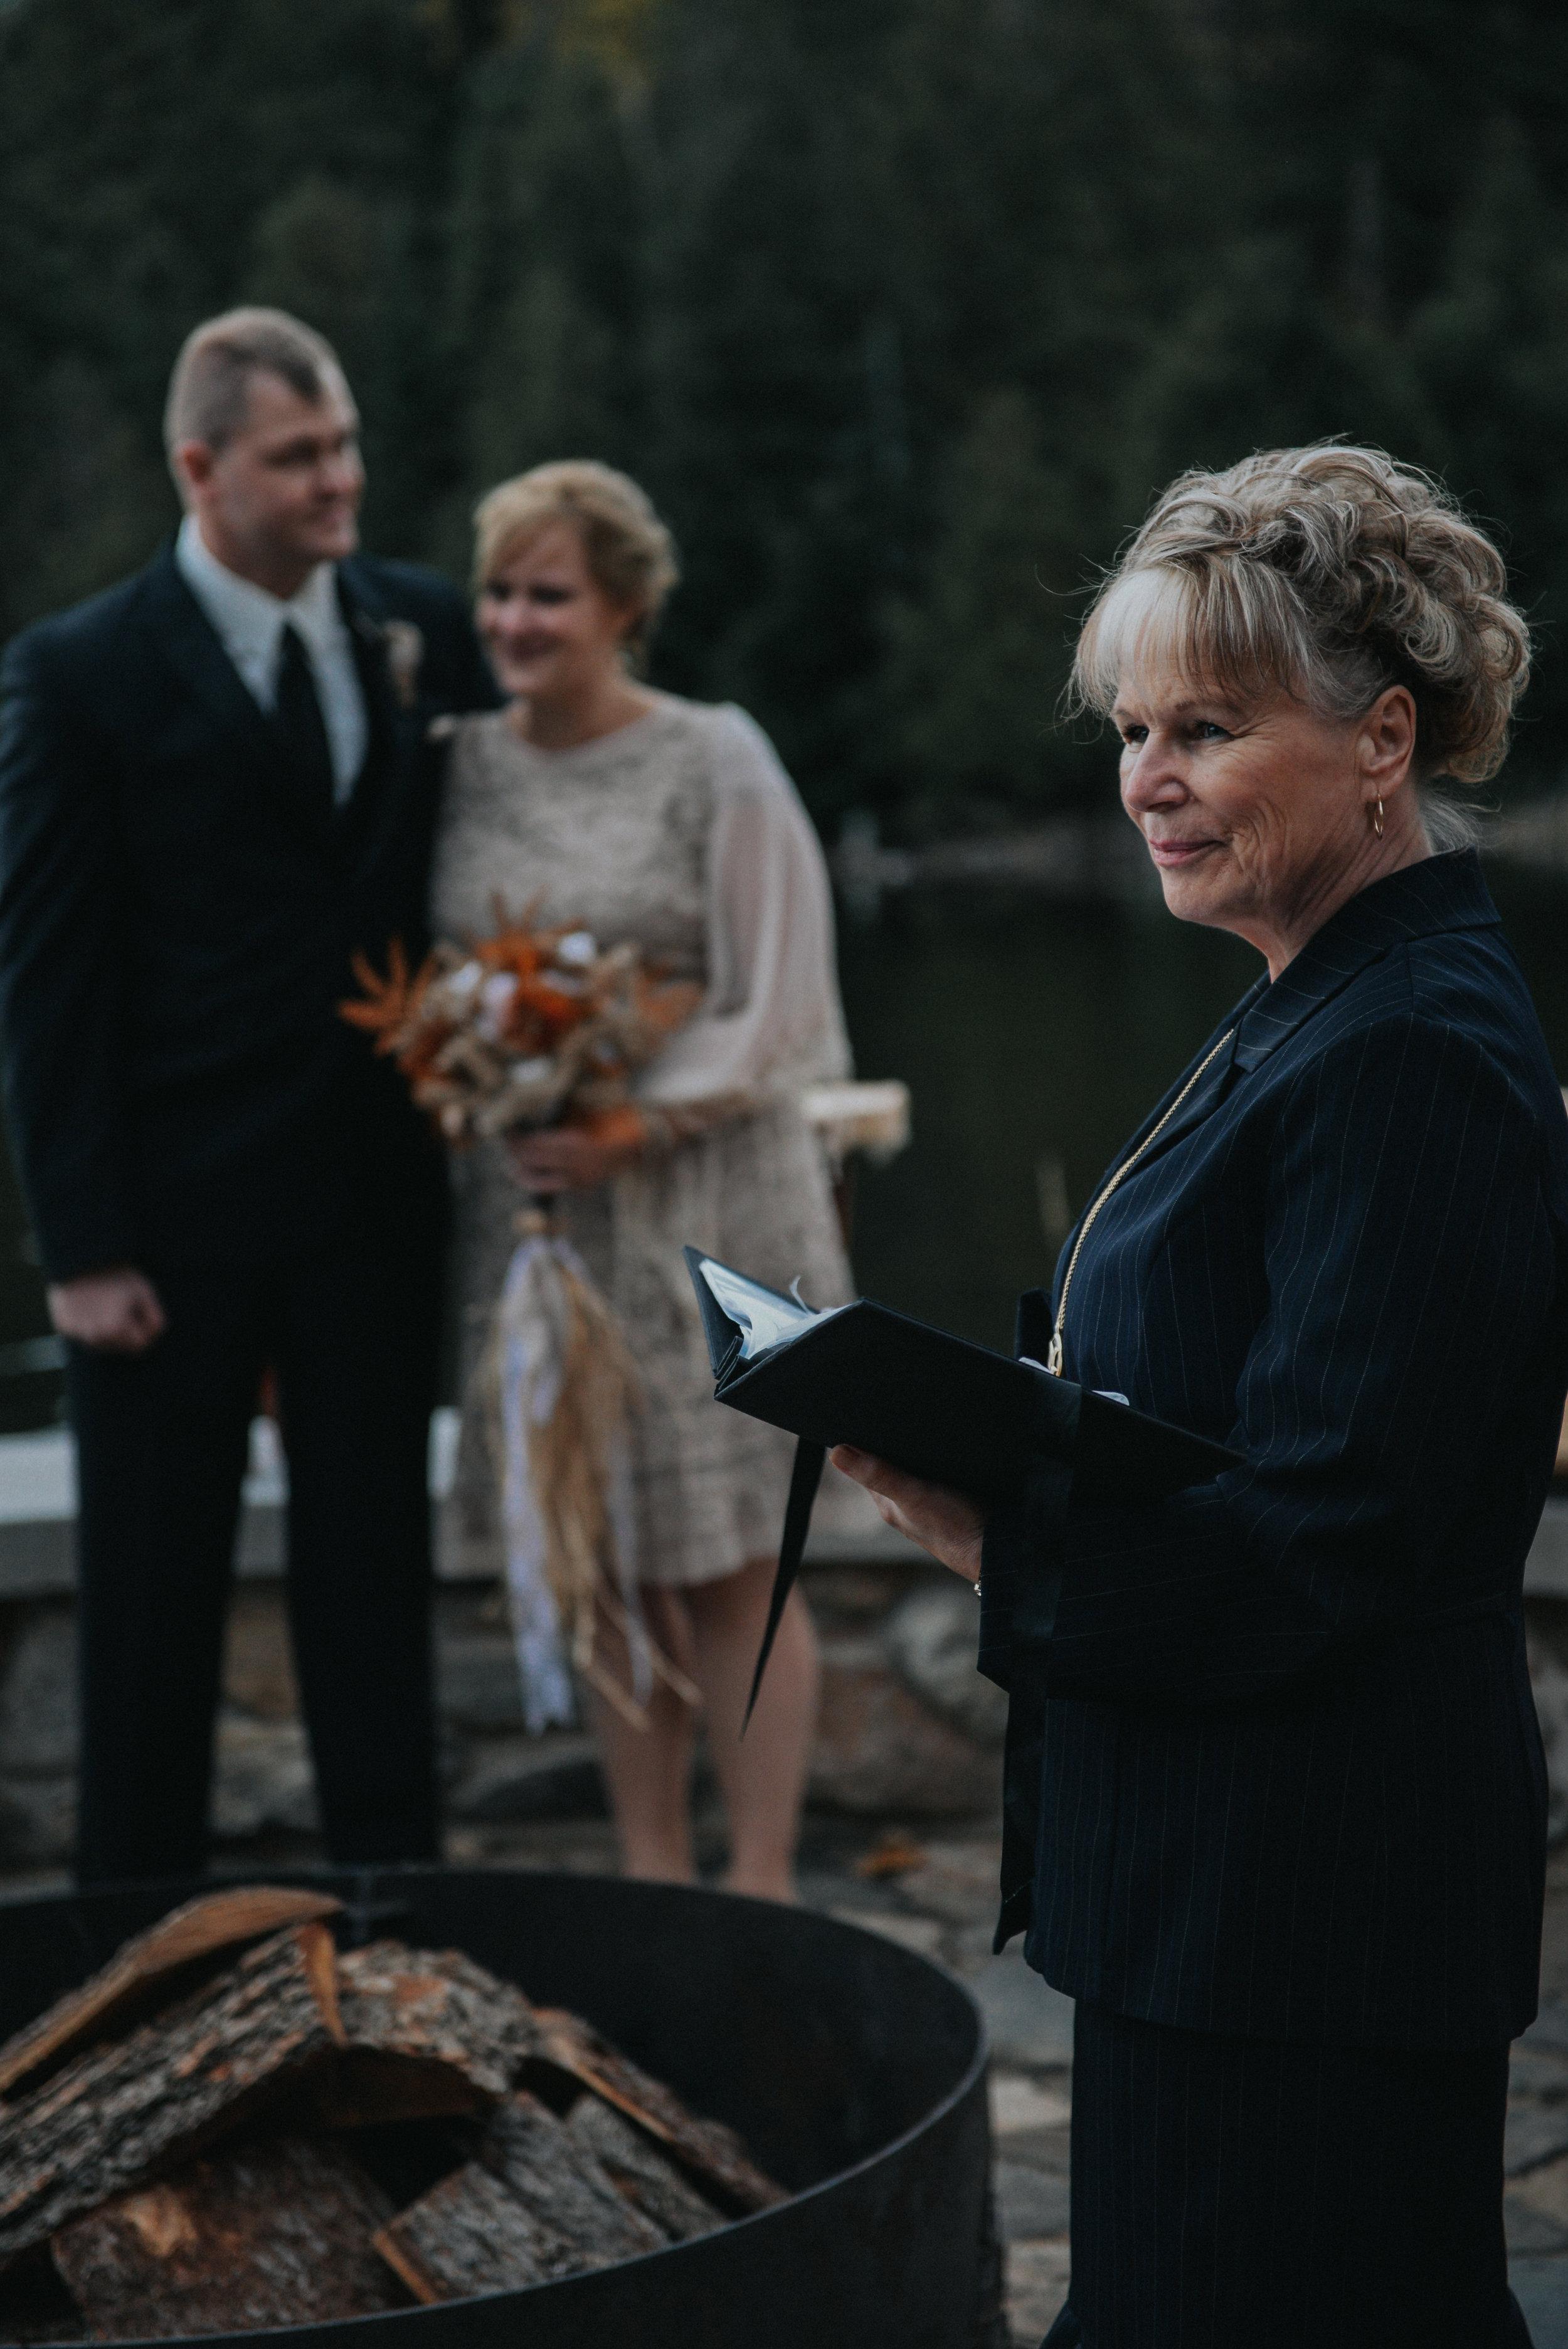 fallwedding (1 of 1).jpg